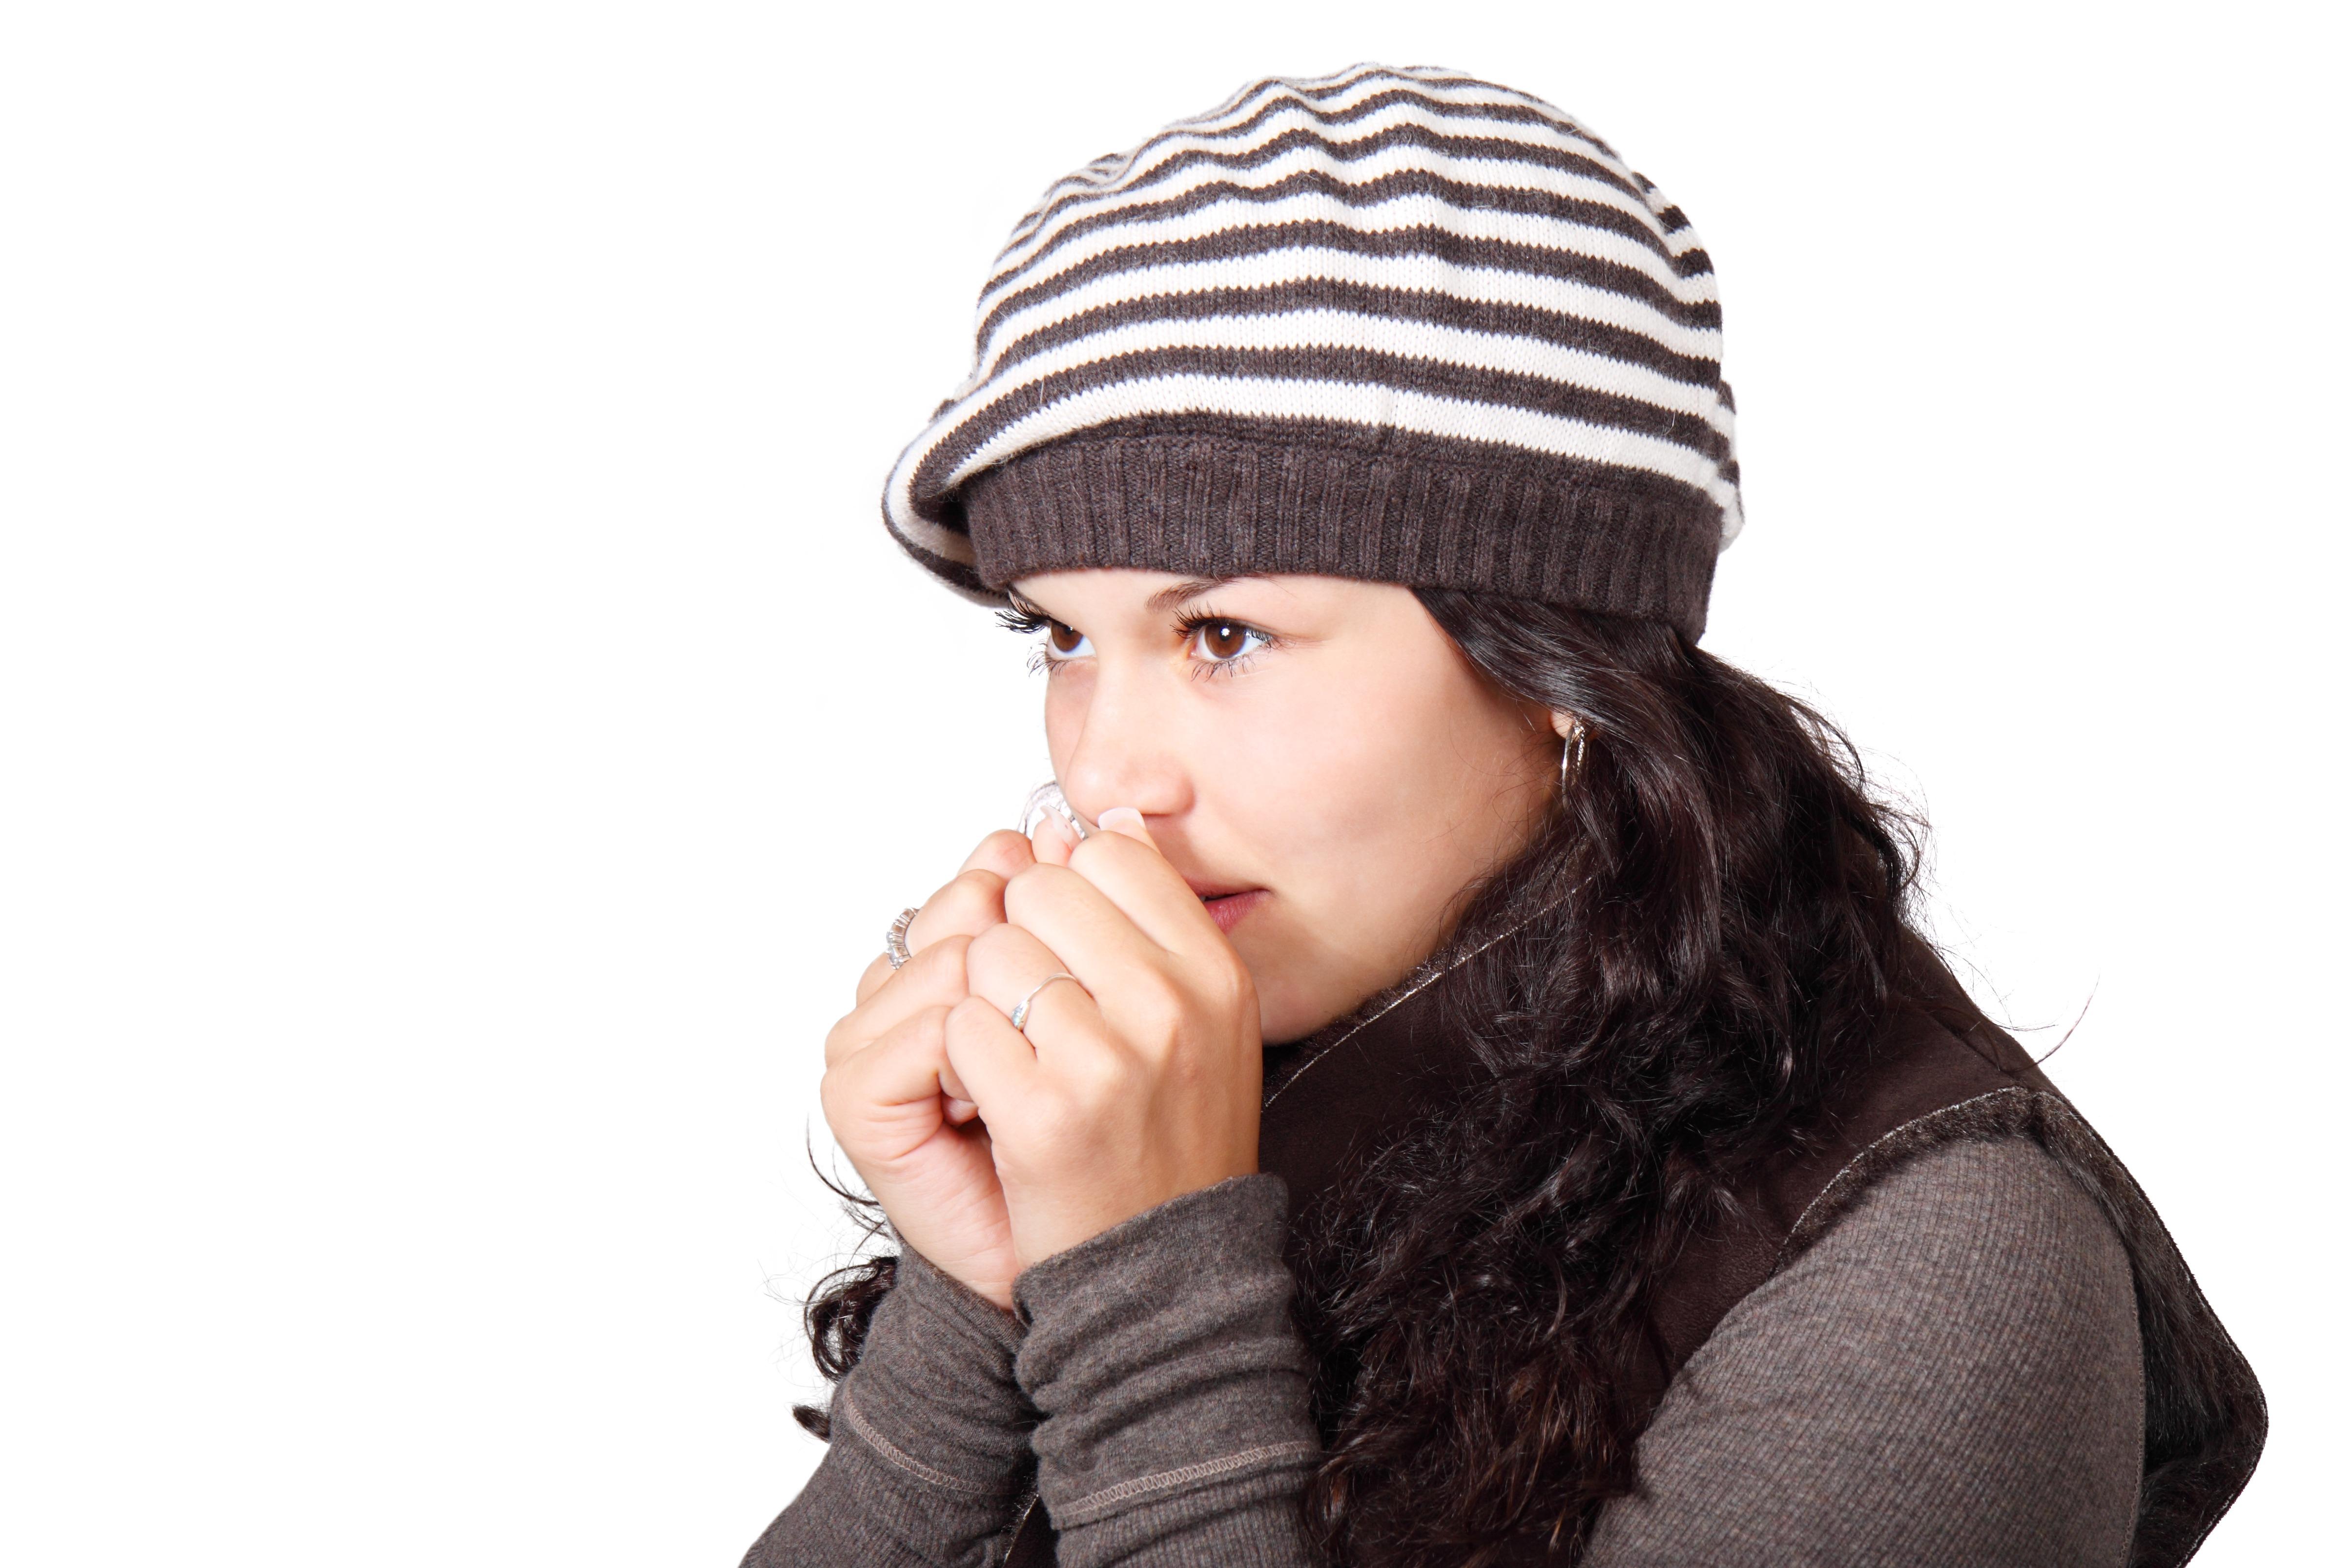 hideg téli emberek lány nő aranyos izolált keres kabát fiatal kalap fagyott  ruházat fejfedő micisapka baseball d7f0128326